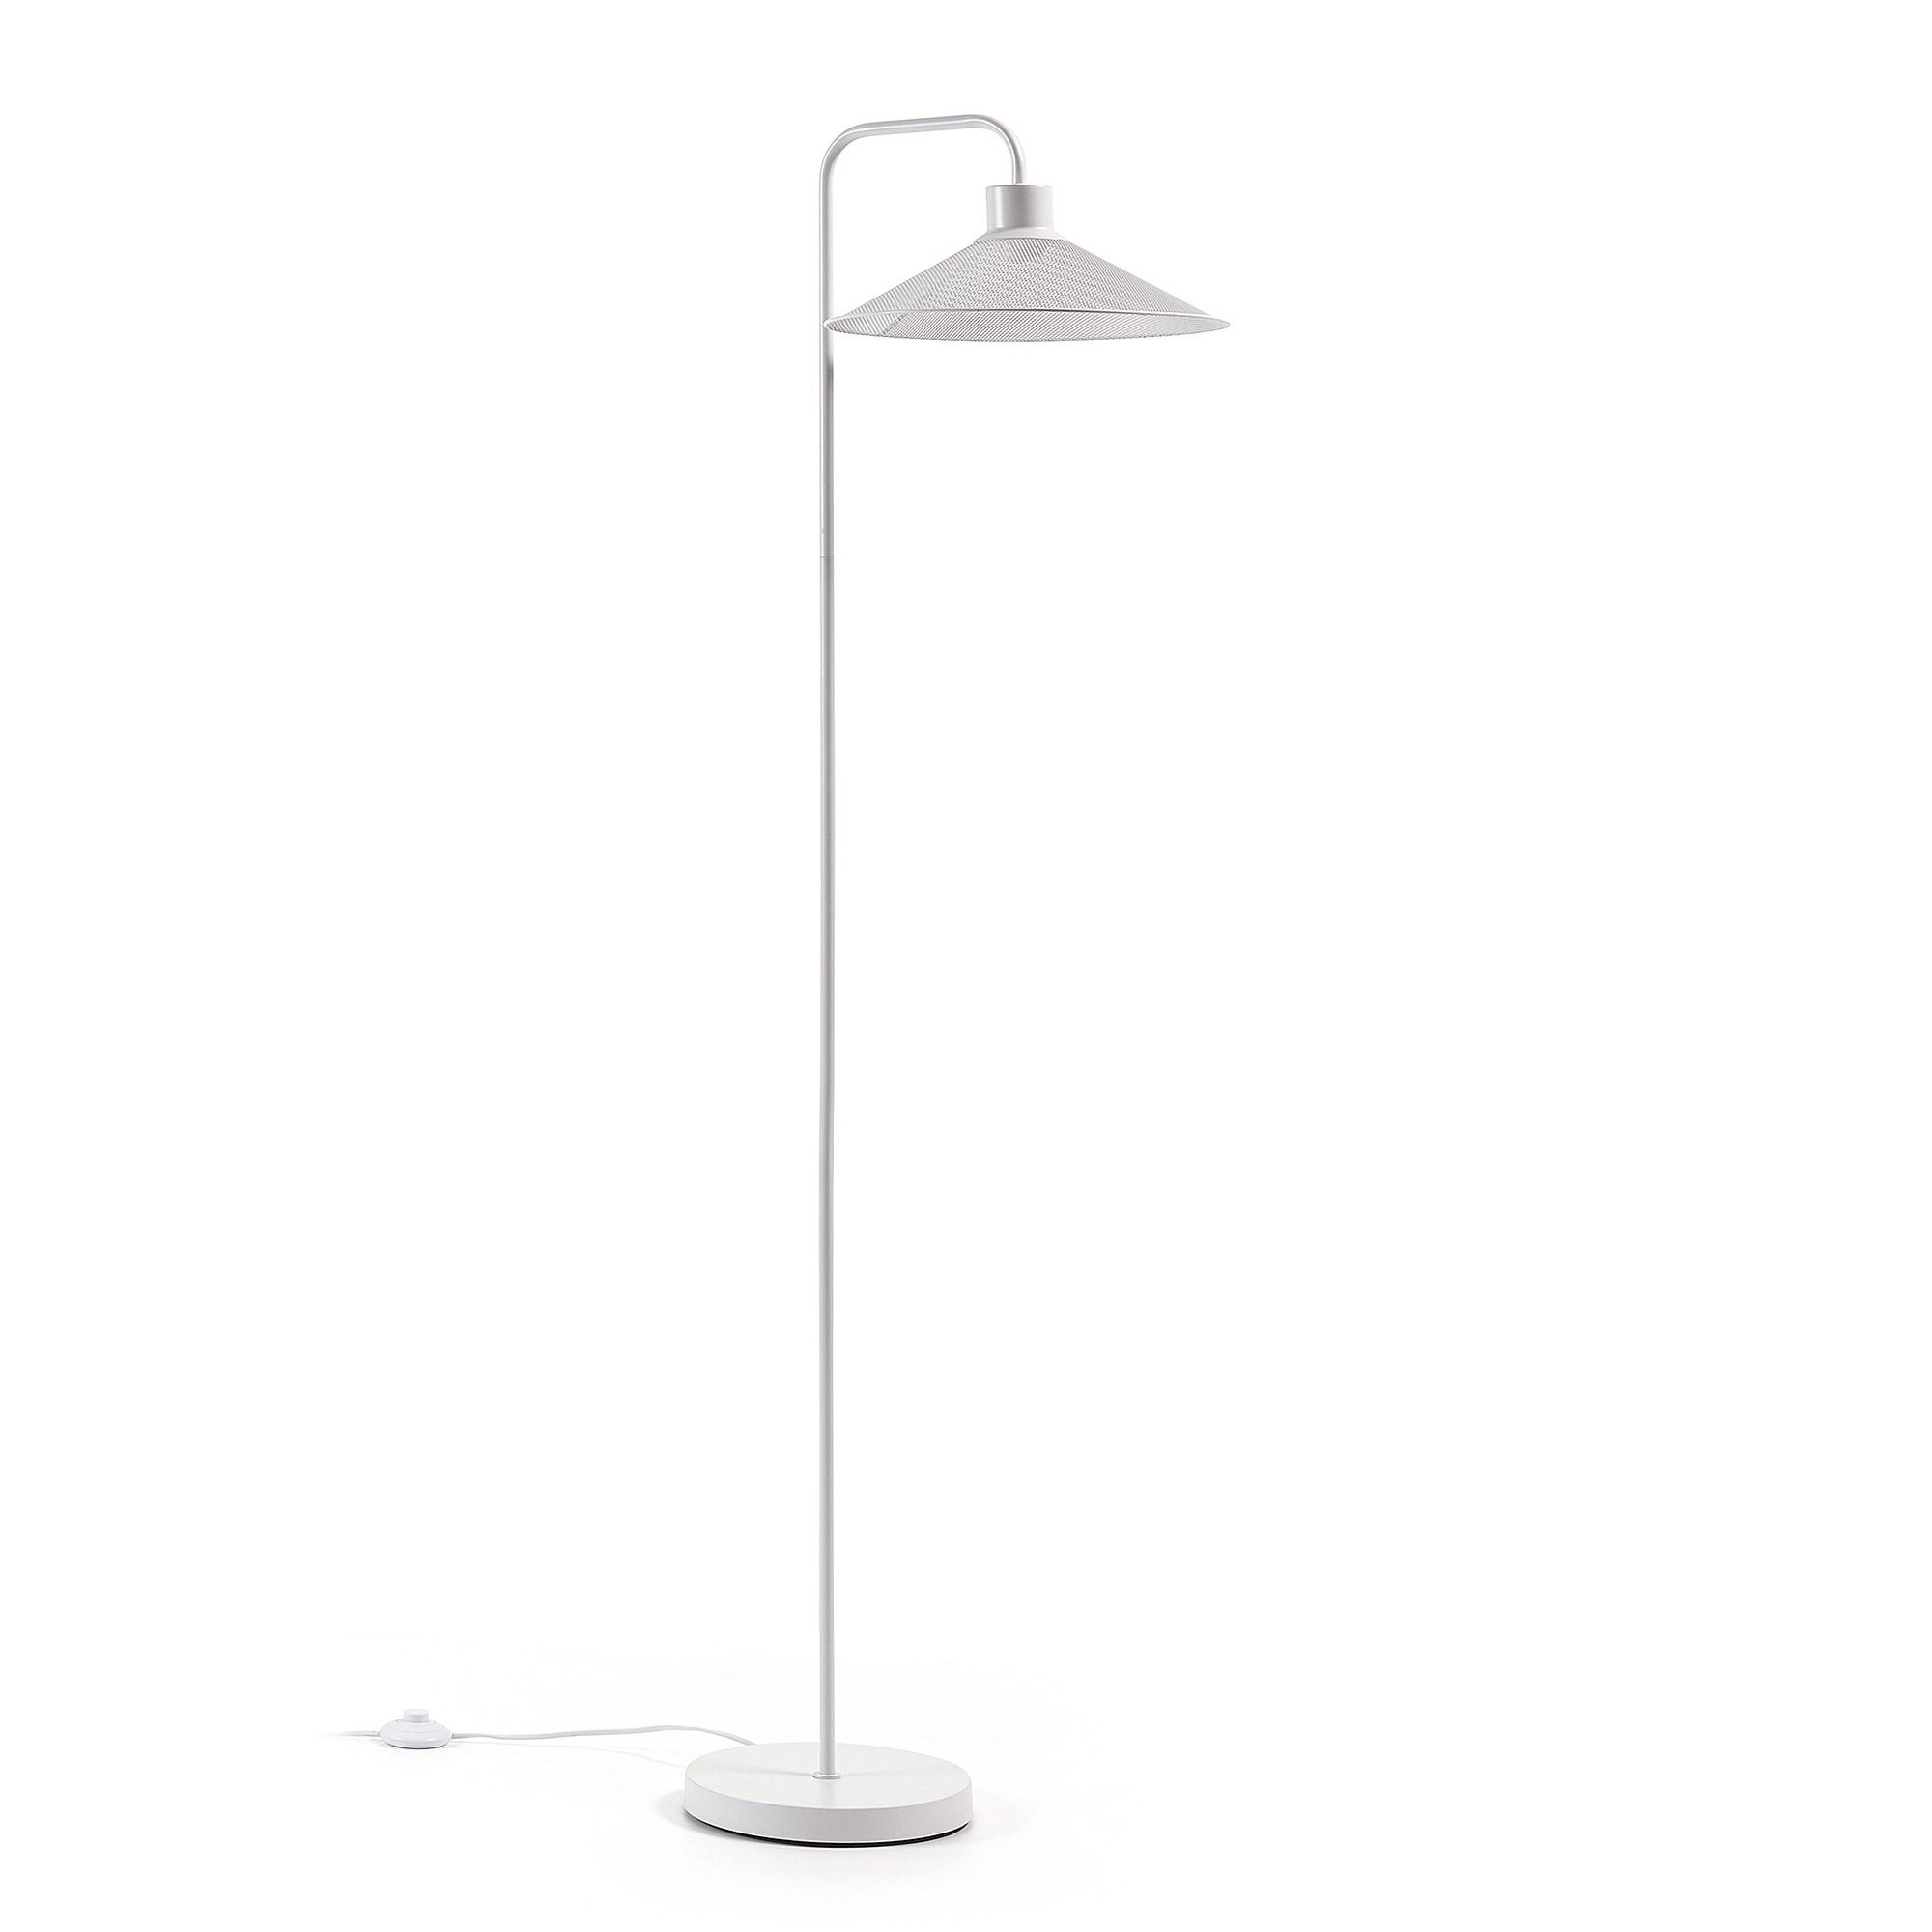 Kave Home Vloerlamp 'Mody', kleur Wit